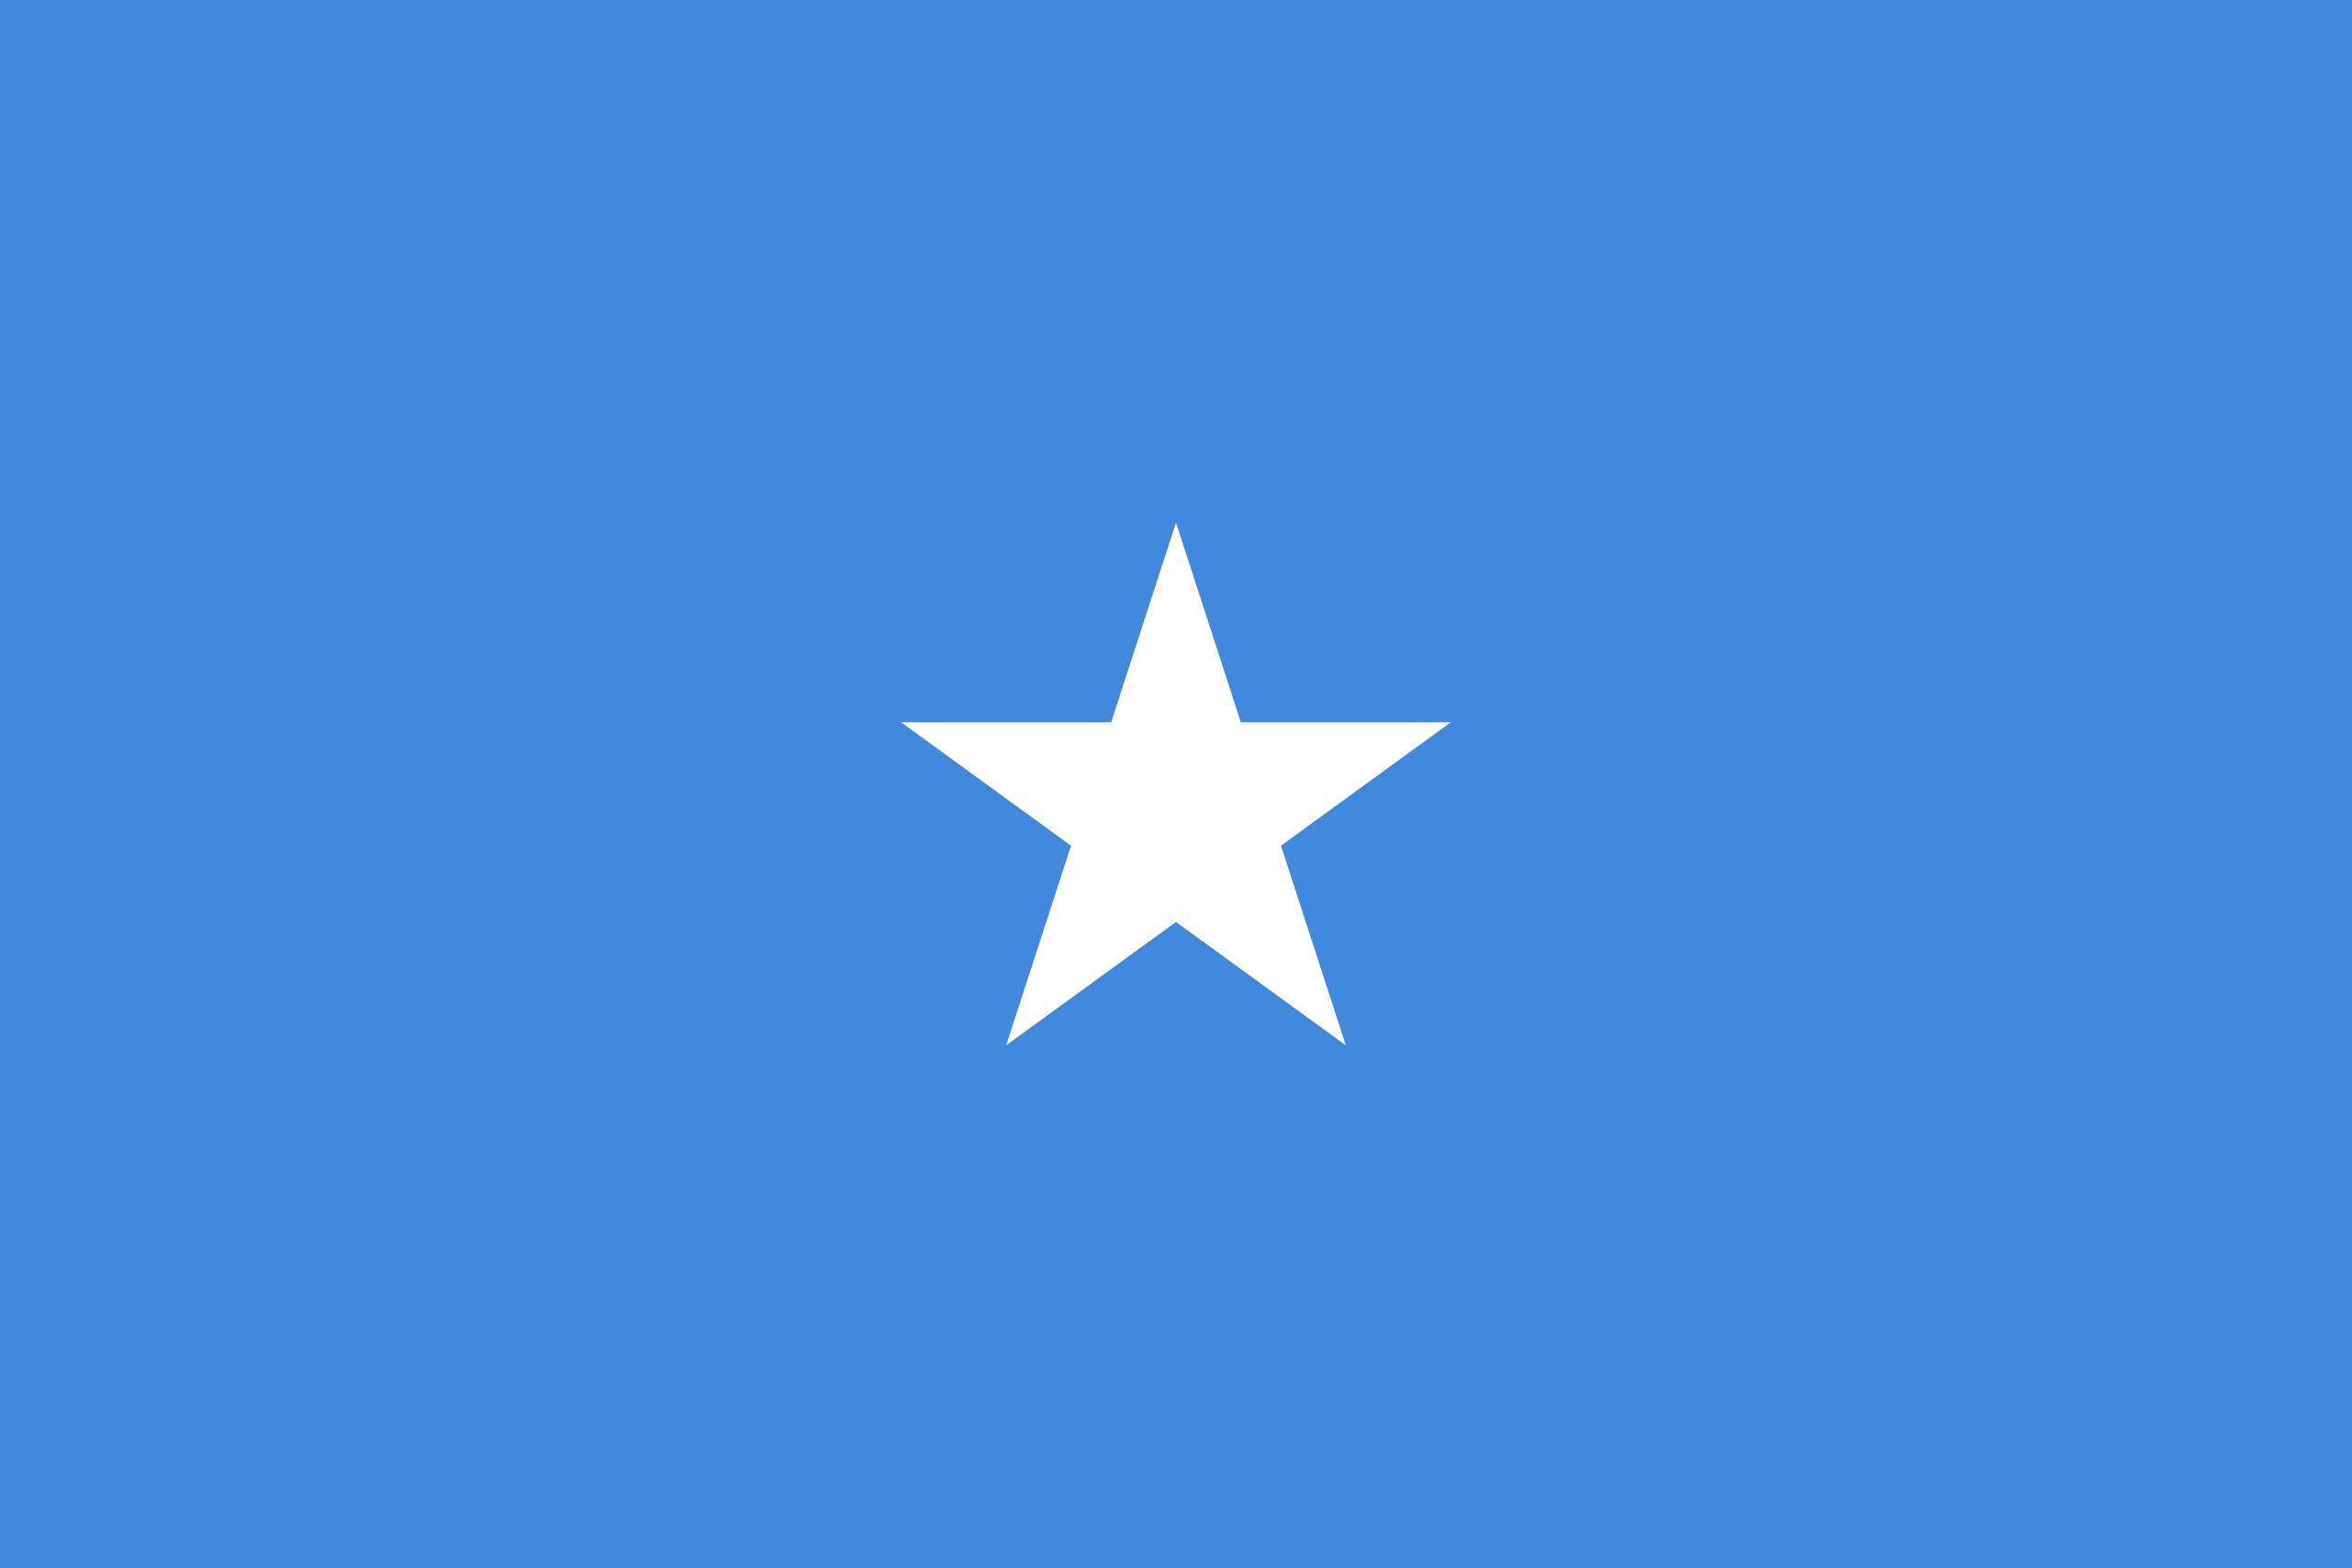 somalia, Land, Emblem, Logo, Symbol - Wallpaper HD - Prof.-falken.com